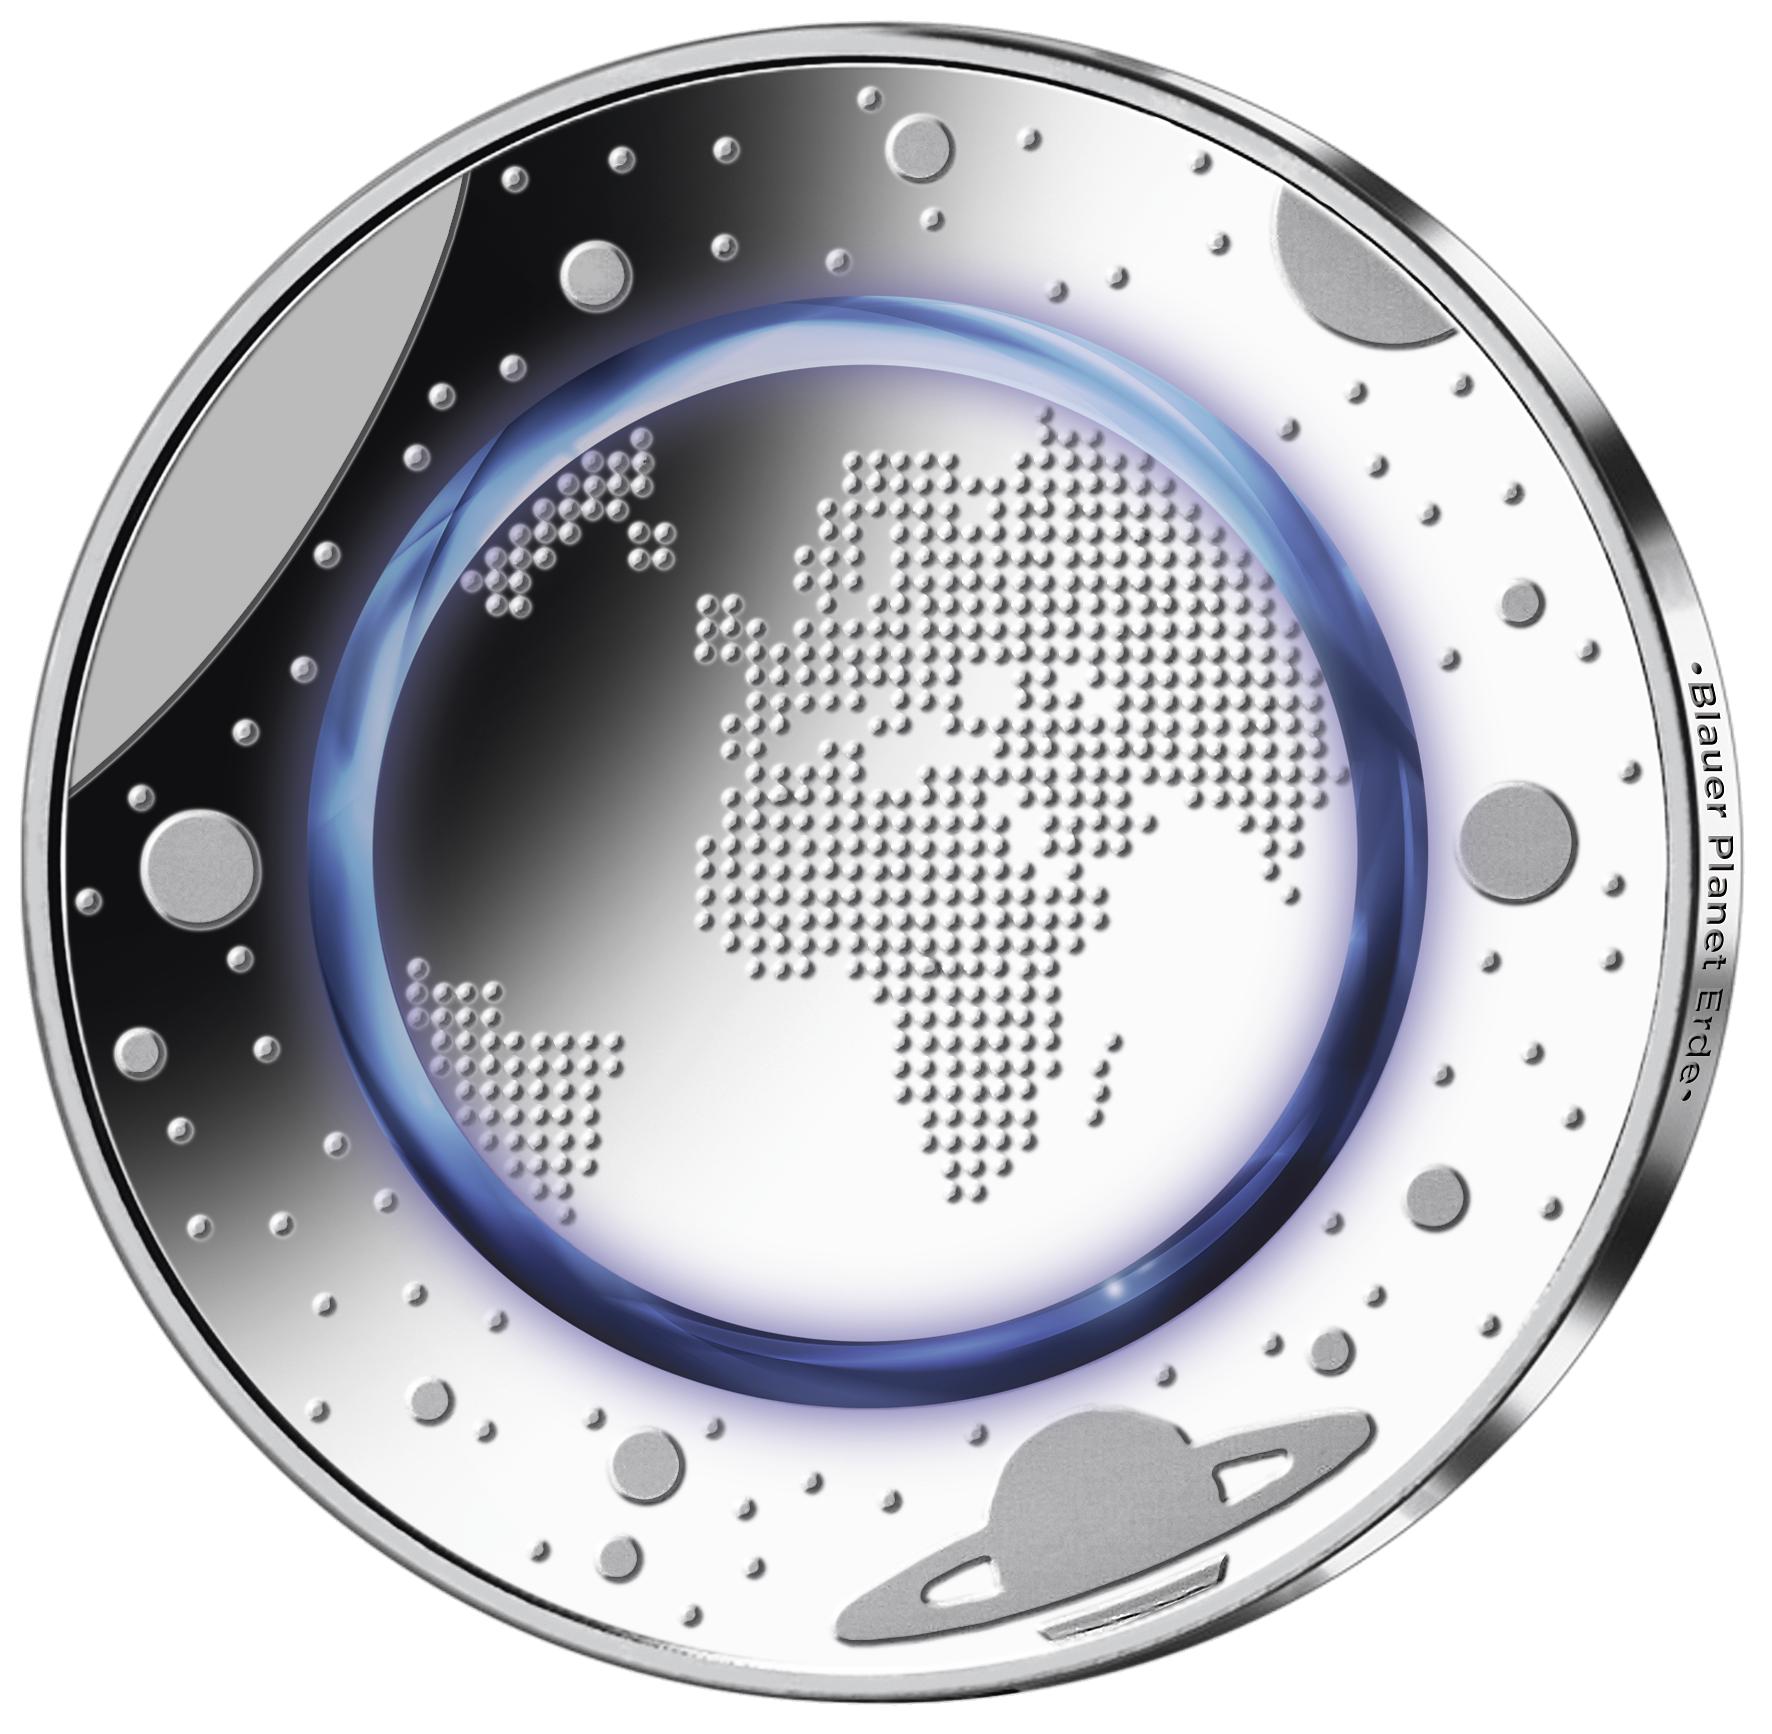 5 Euro Münze Mit Polymerring Mdm Deutsche Münze